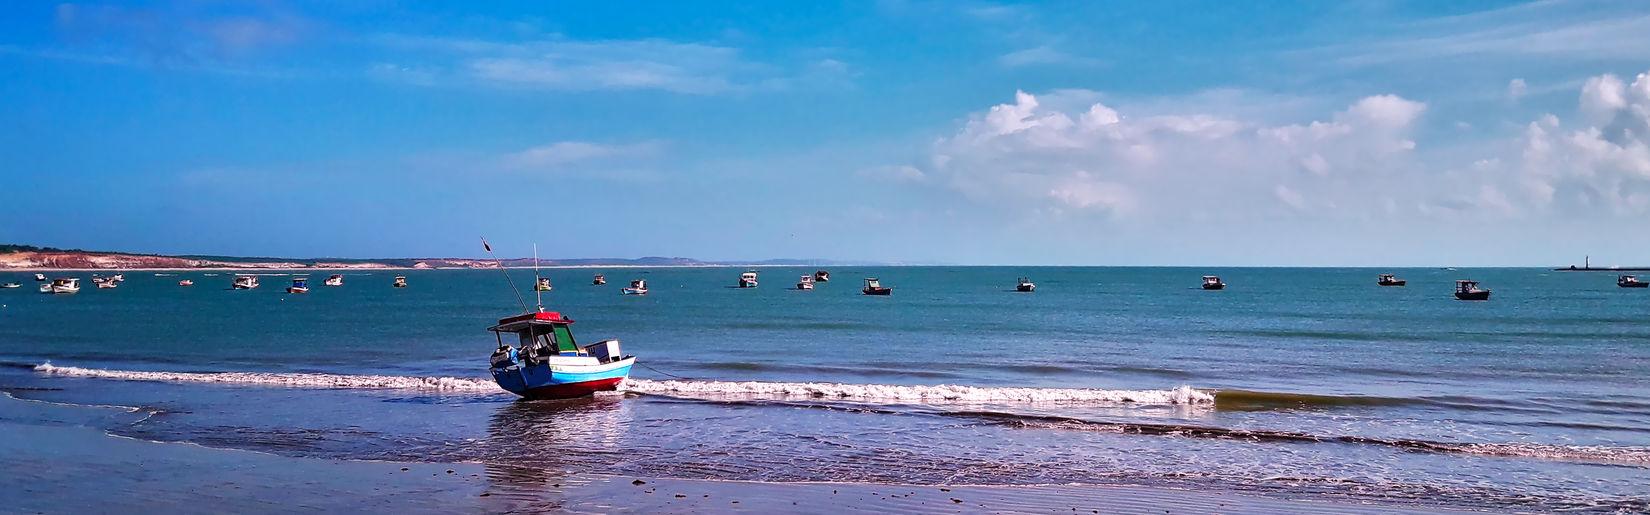 Baia Da Trai¢ao Paraíba Beach Brasil Horizon Horizon Over Water Outdoors Real People Sea Sky Water